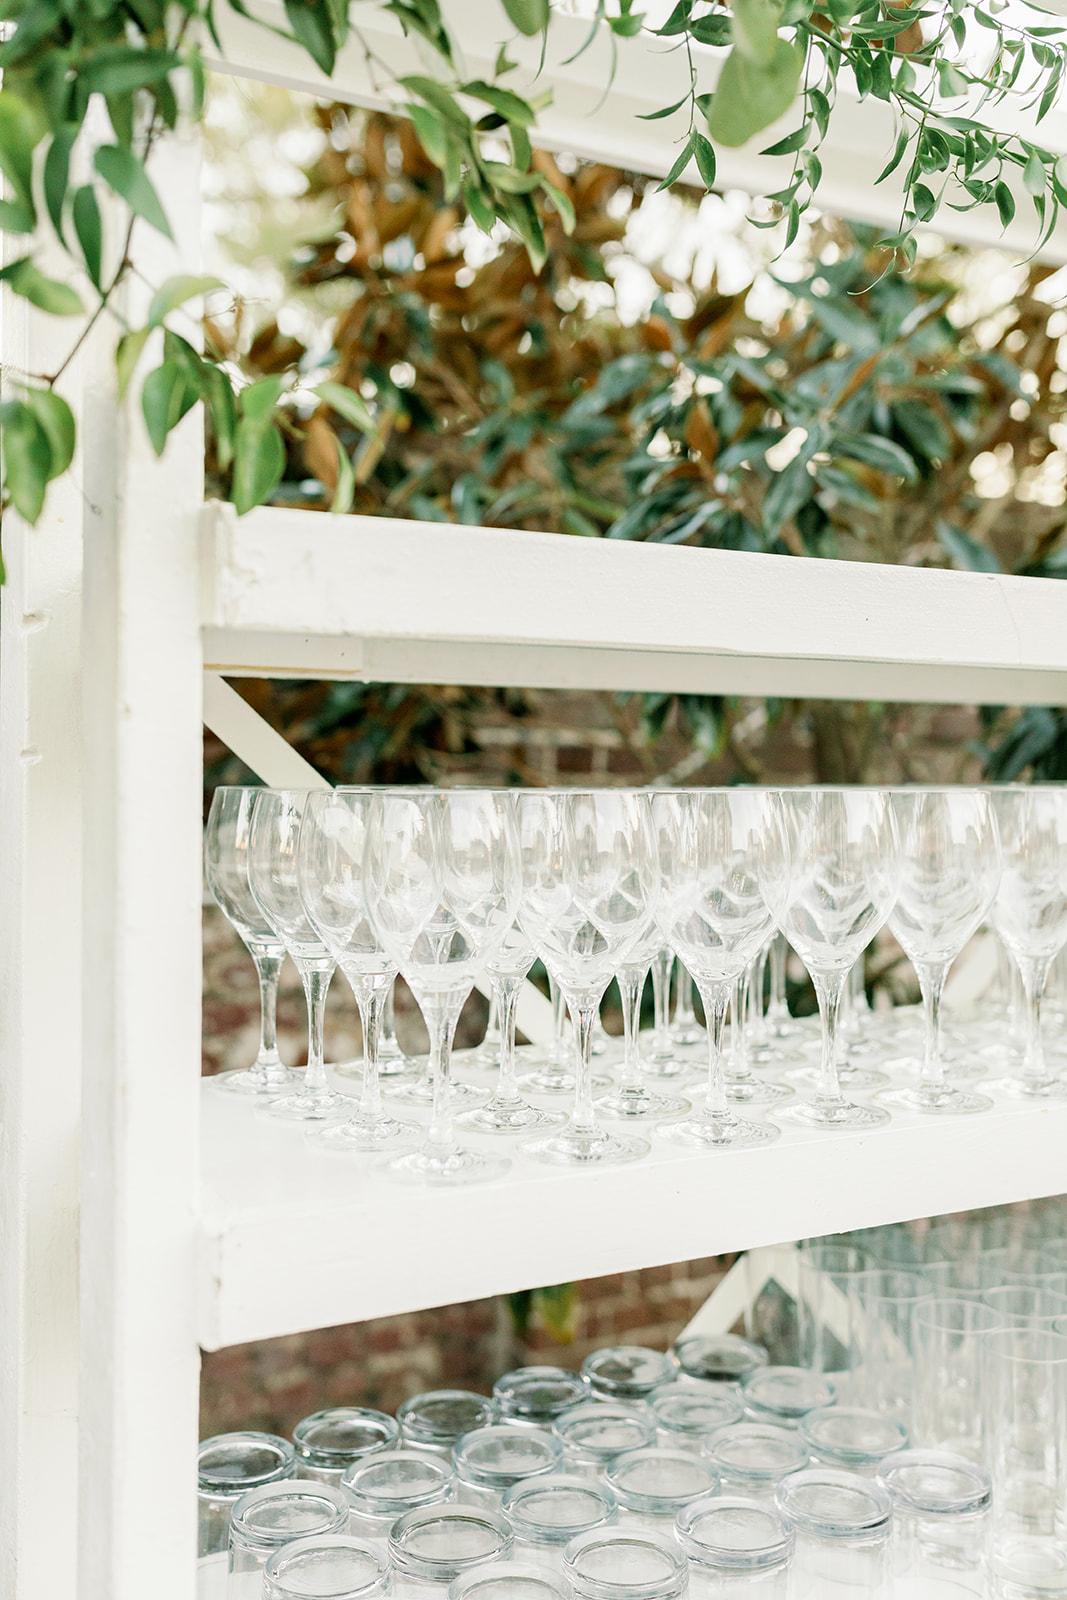 White shelving holding glasses